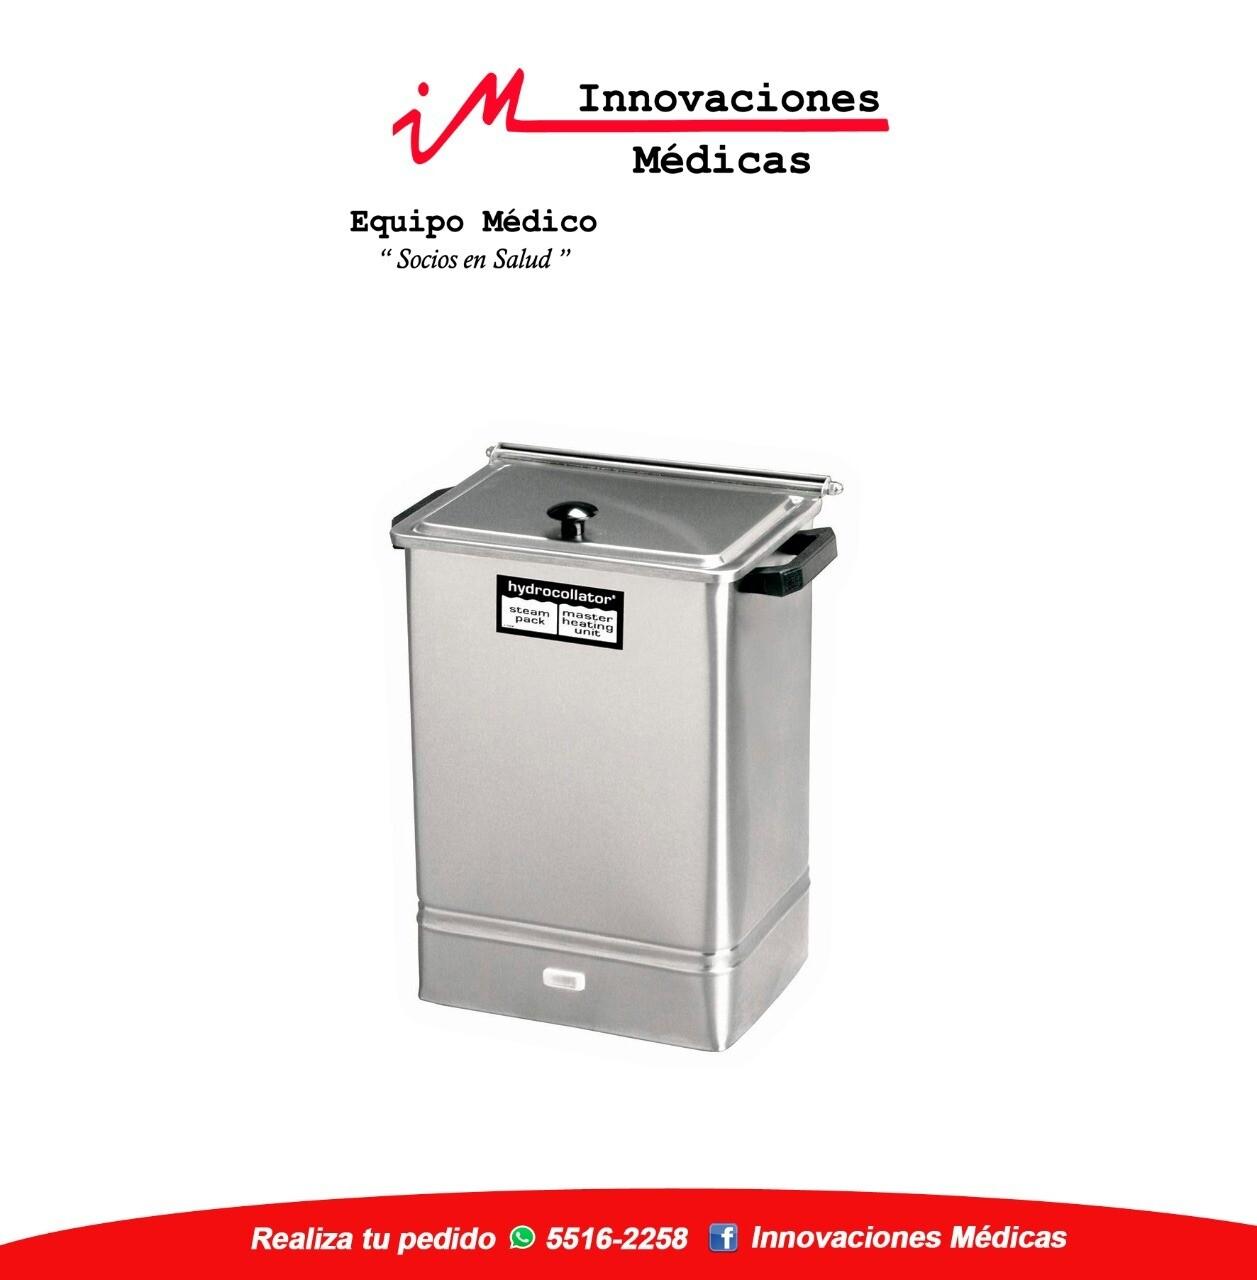 Calentador de Empaques Hydrocolattor E-1